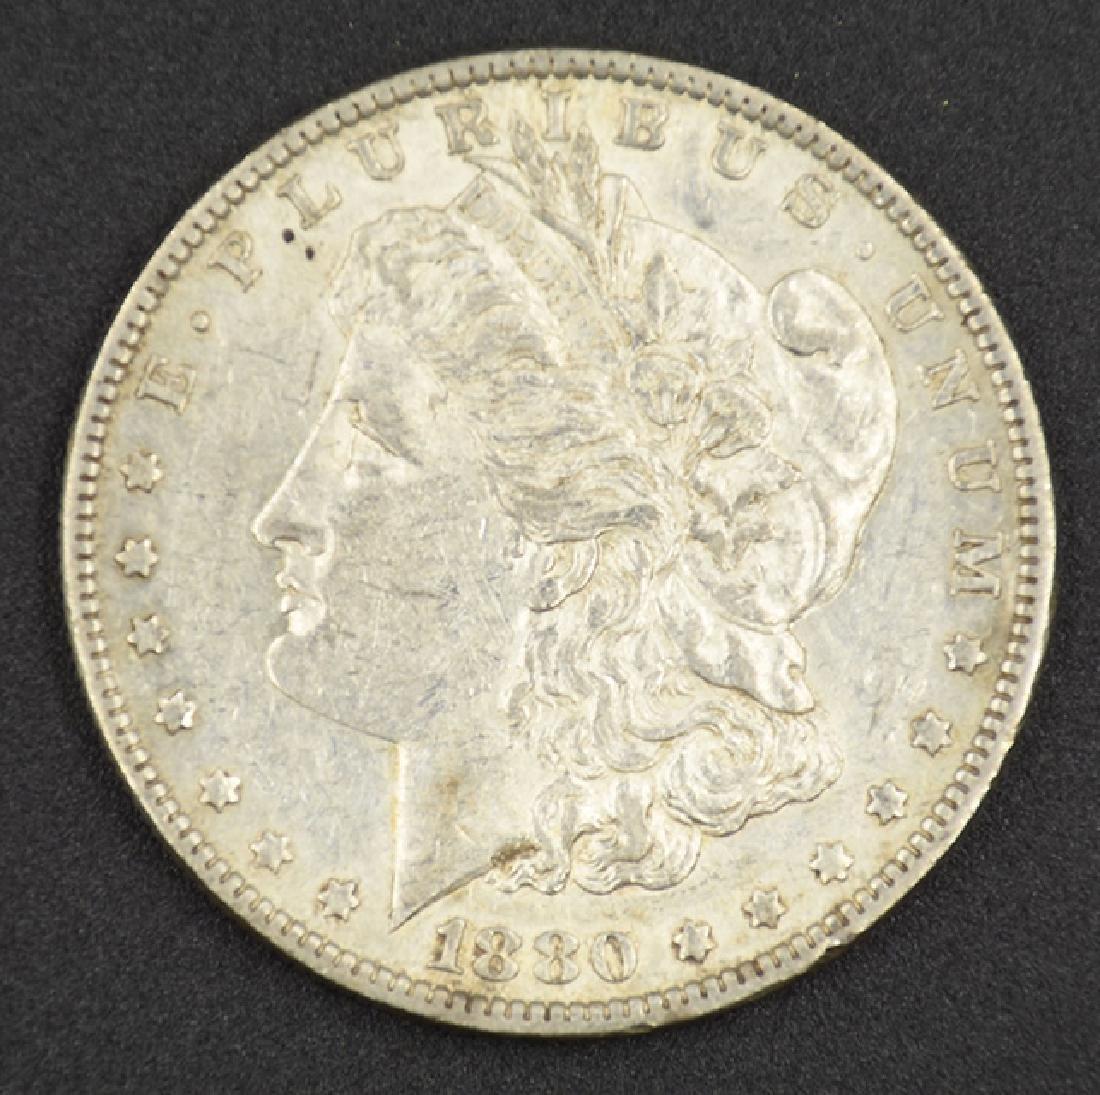 1880-O Morgan Silver Dollar Coin